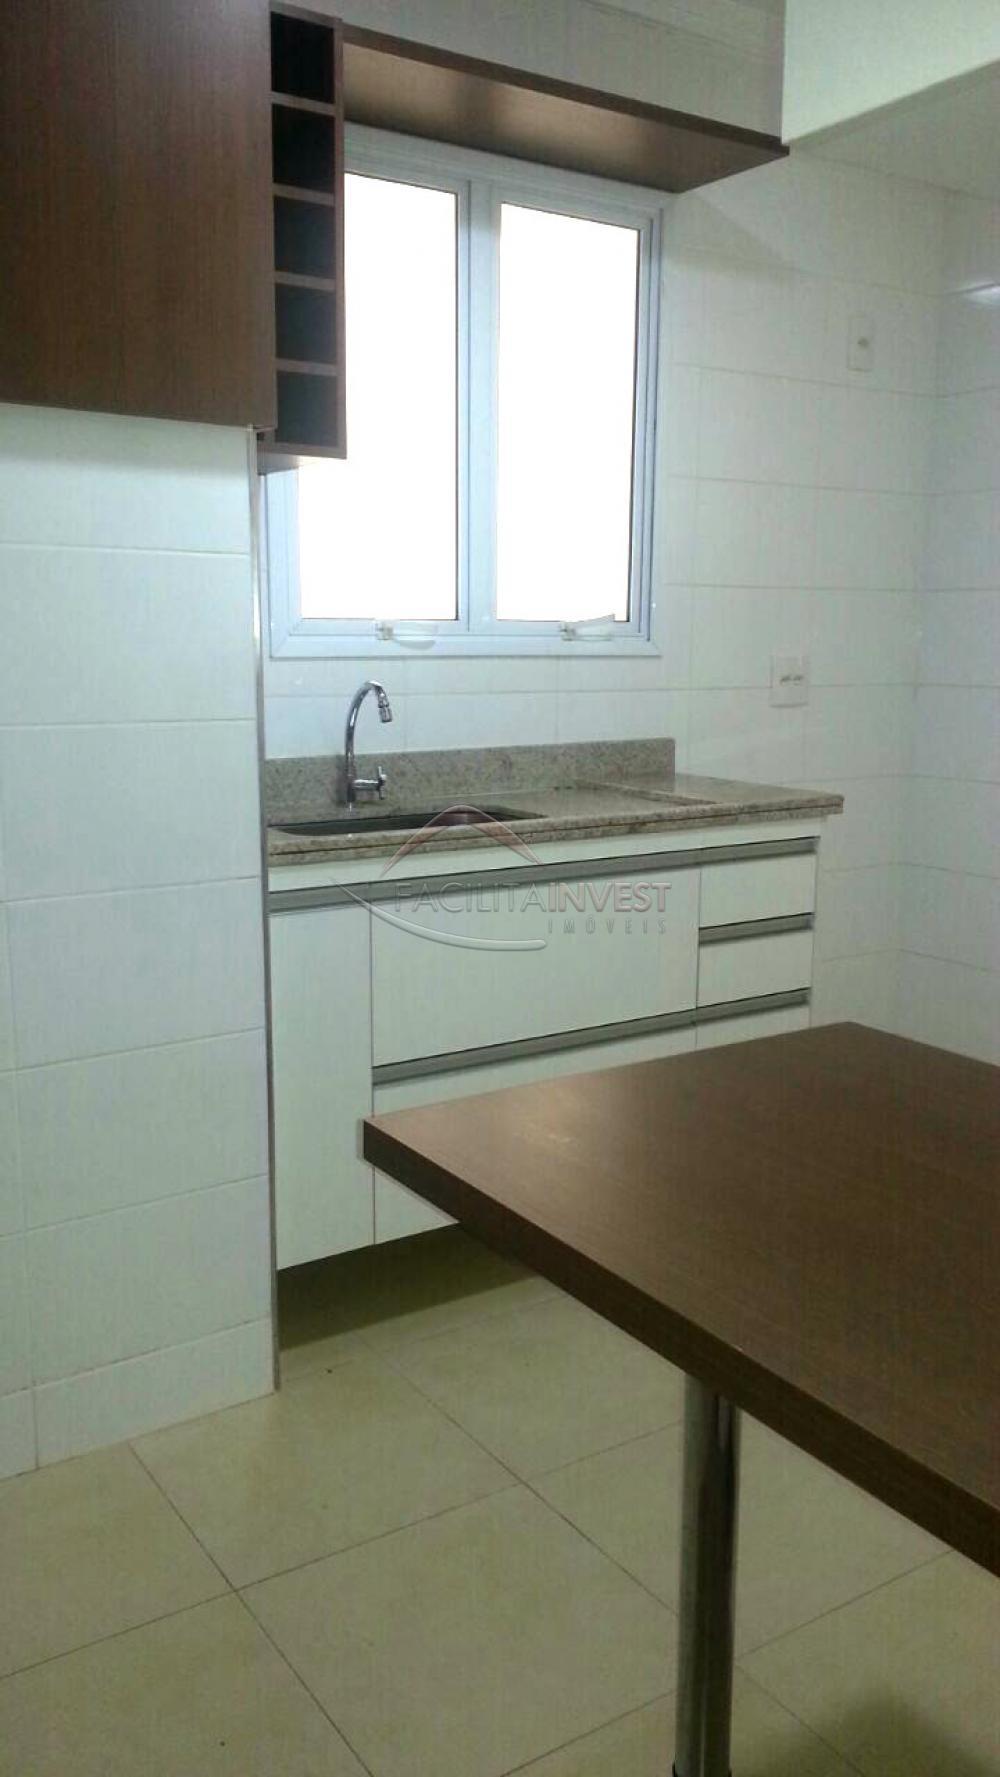 Alugar Apartamentos / Apart. Padrão em Ribeirão Preto apenas R$ 2.000,00 - Foto 16